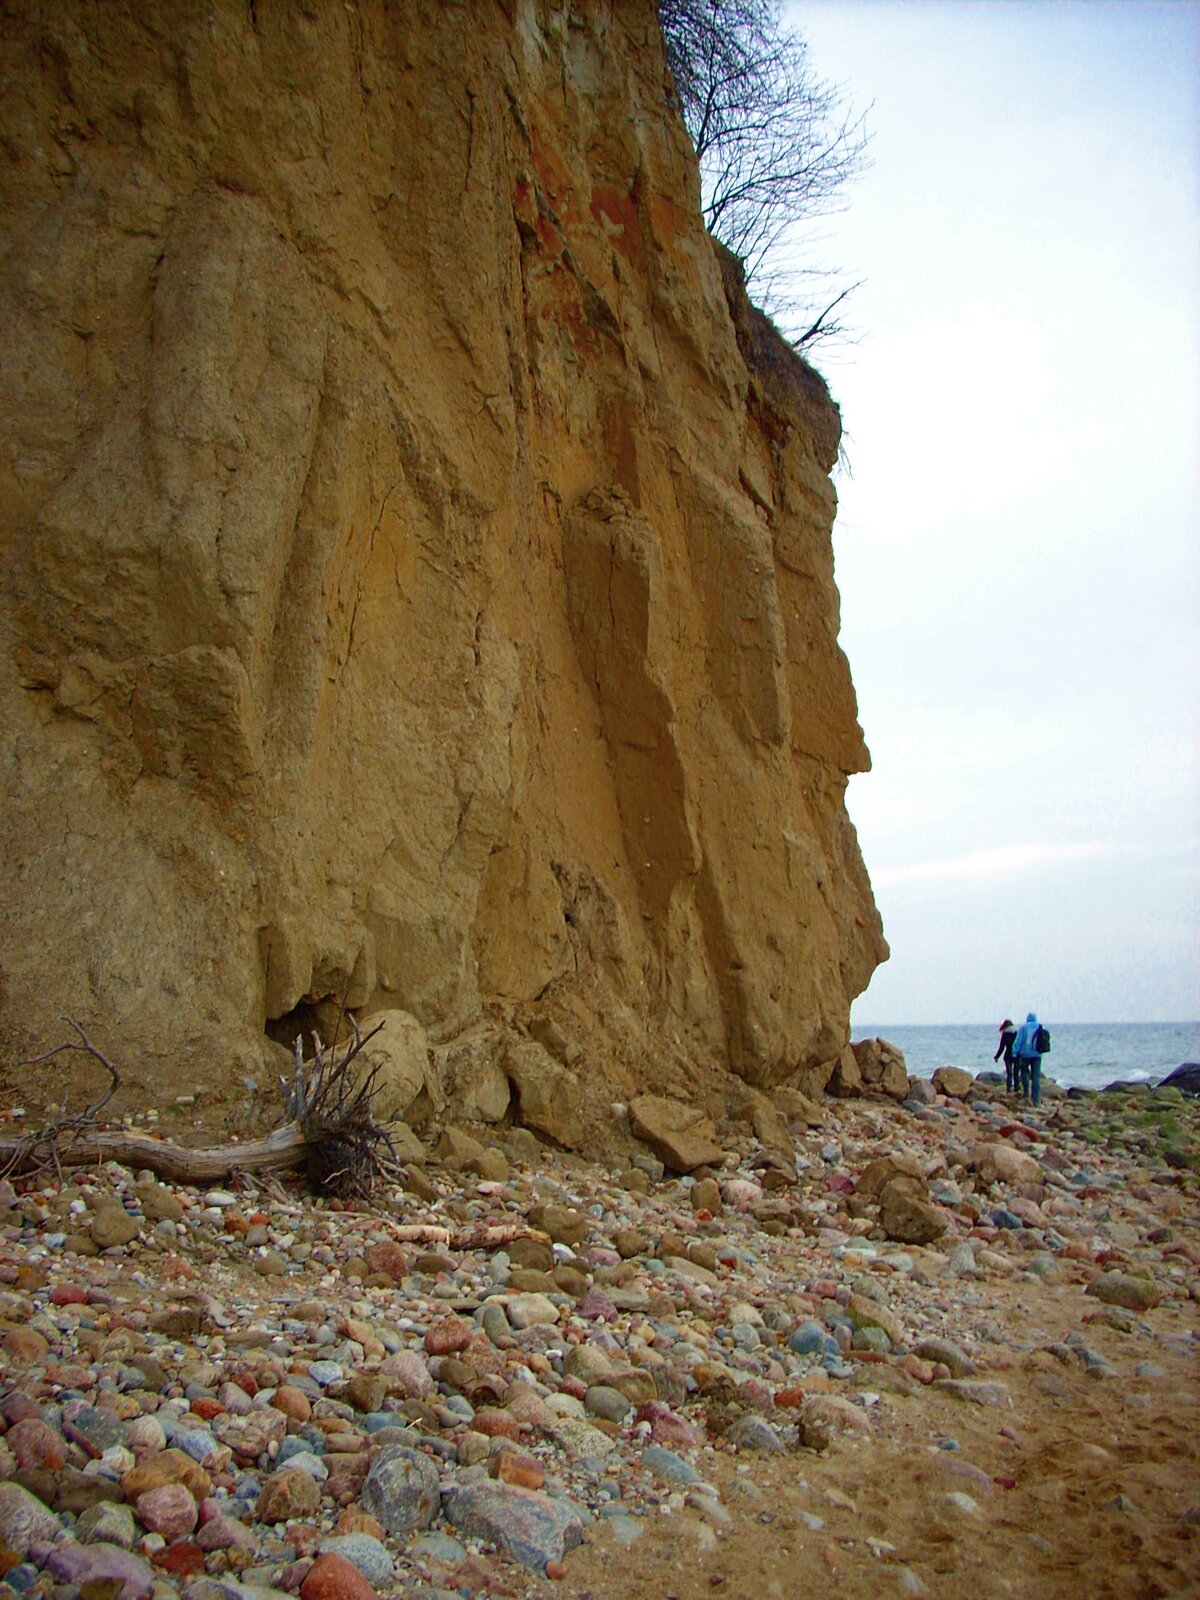 Na zdjęciu nadmorski klif. Wysoka, bardzo stroma ściana skalna. Ujej podstawy oderwane fragmenty ściany, kamienie. Wtle morze. Ludzie na plaży.